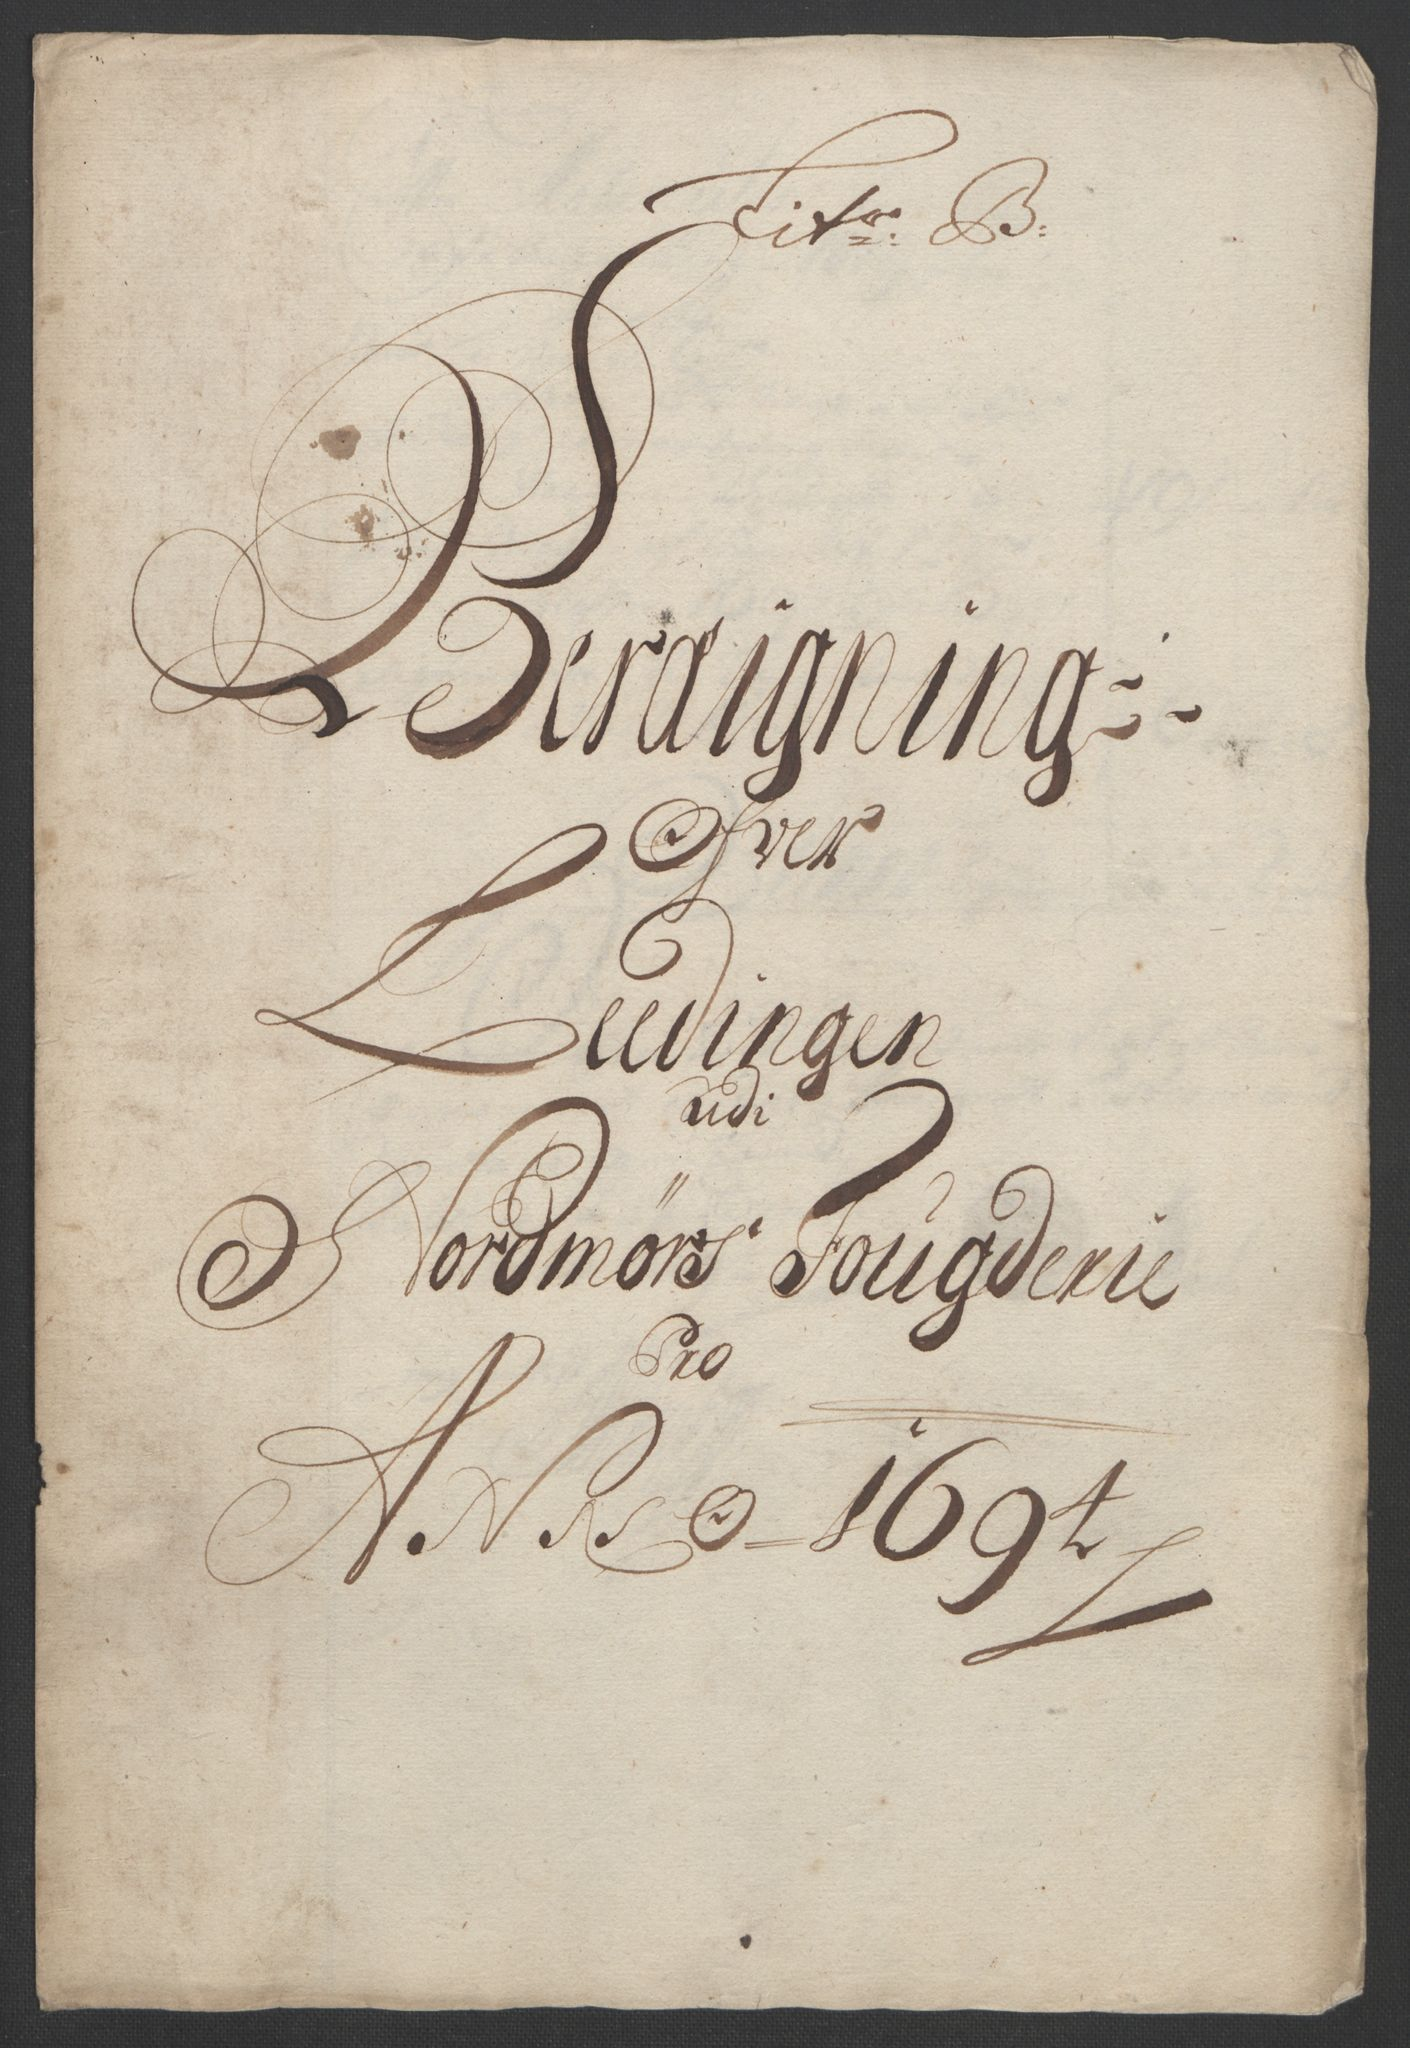 RA, Rentekammeret inntil 1814, Reviderte regnskaper, Fogderegnskap, R56/L3736: Fogderegnskap Nordmøre, 1694-1696, s. 66